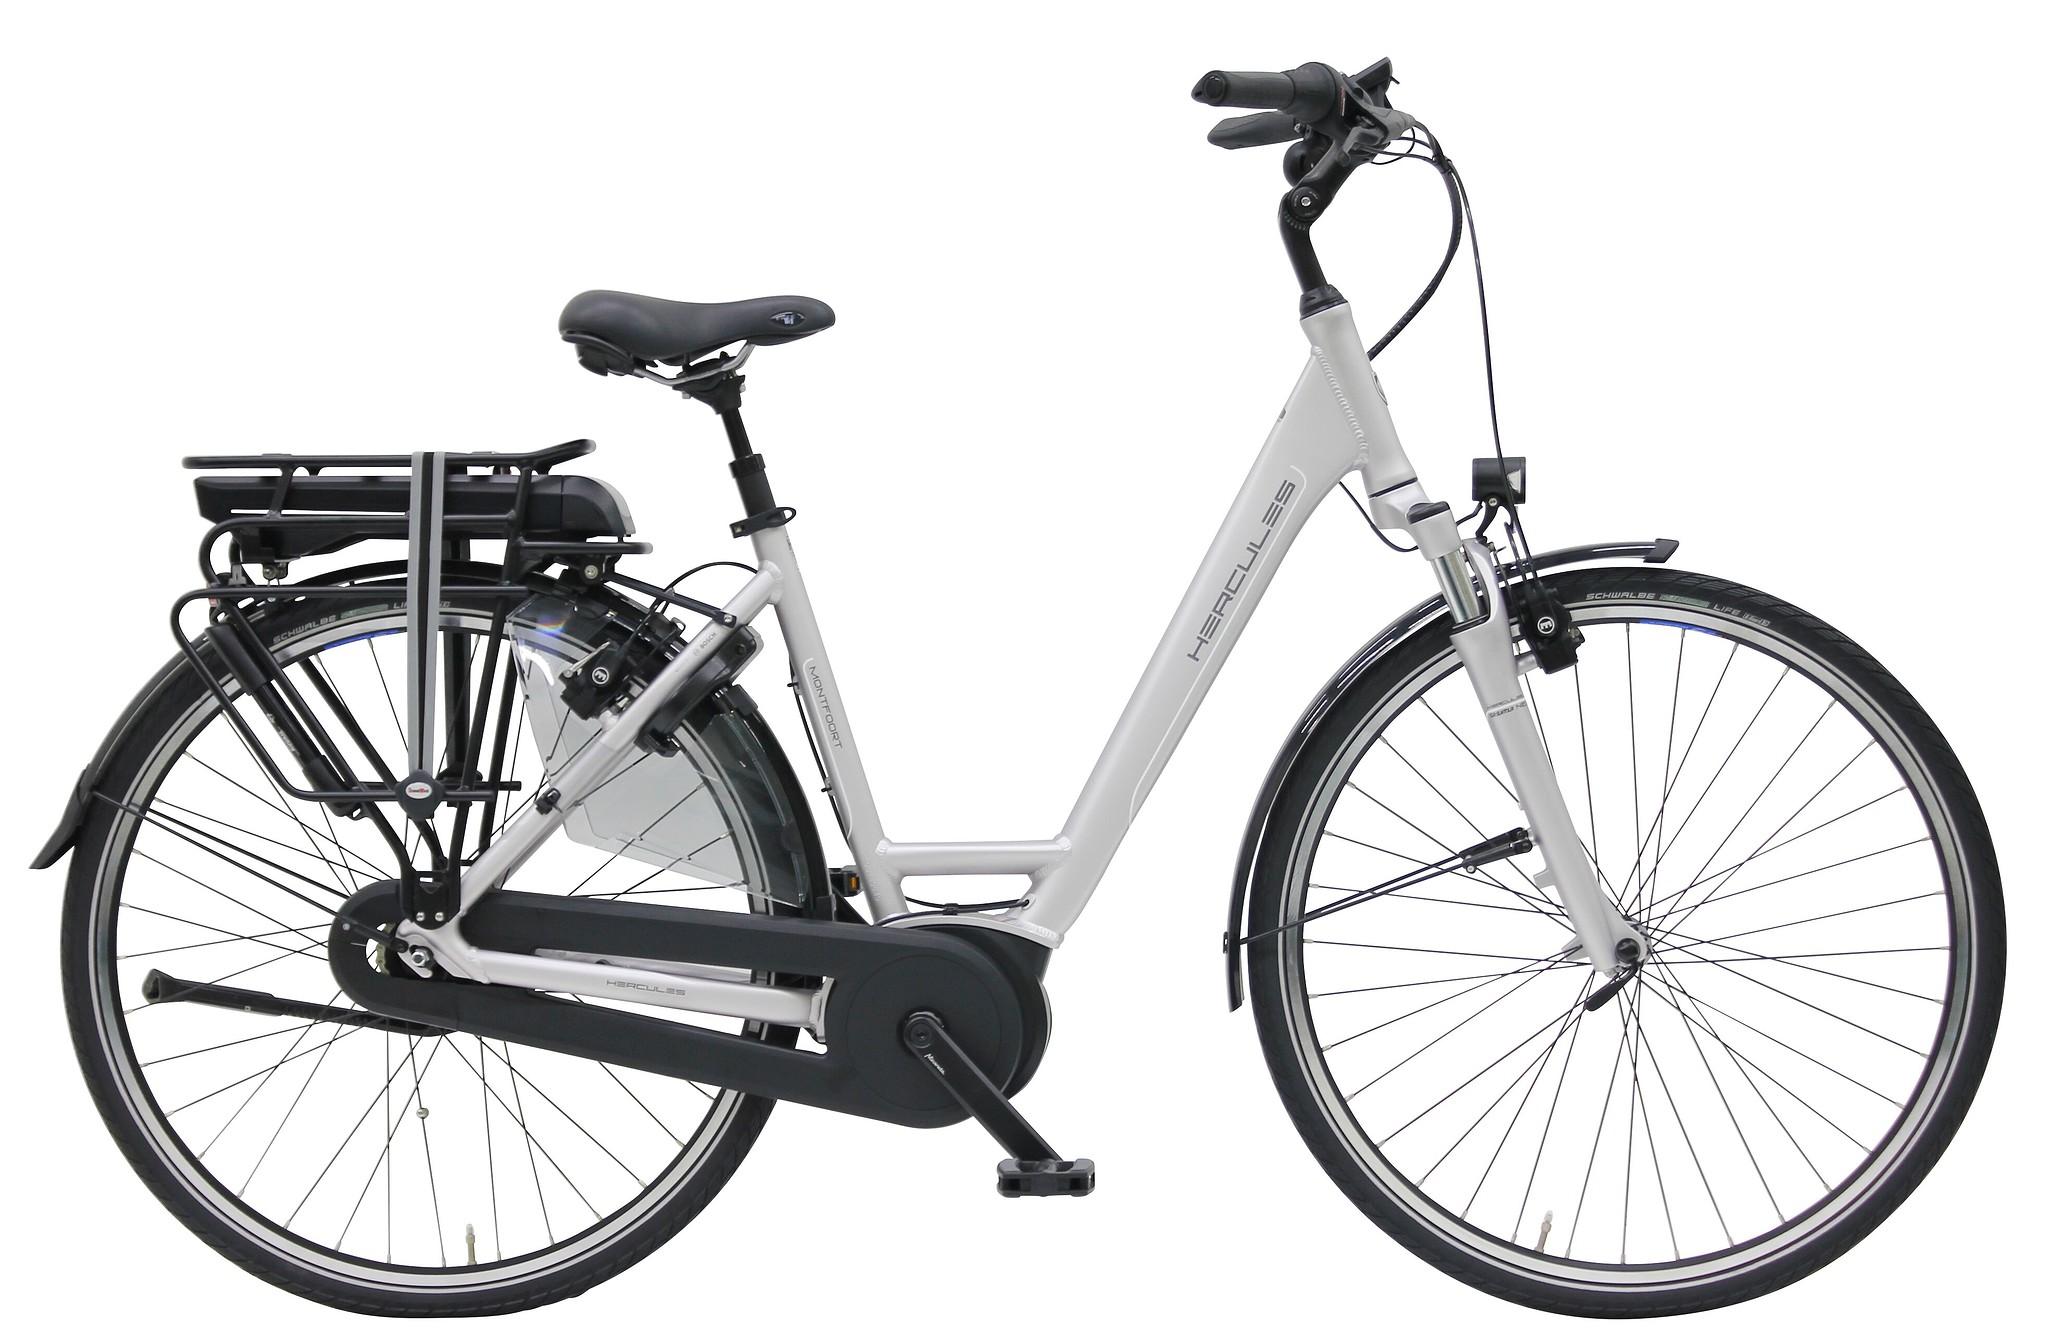 Hercules Elektrische fiets Montfoort dames mat zilver 50cm 400 Watt Zilver